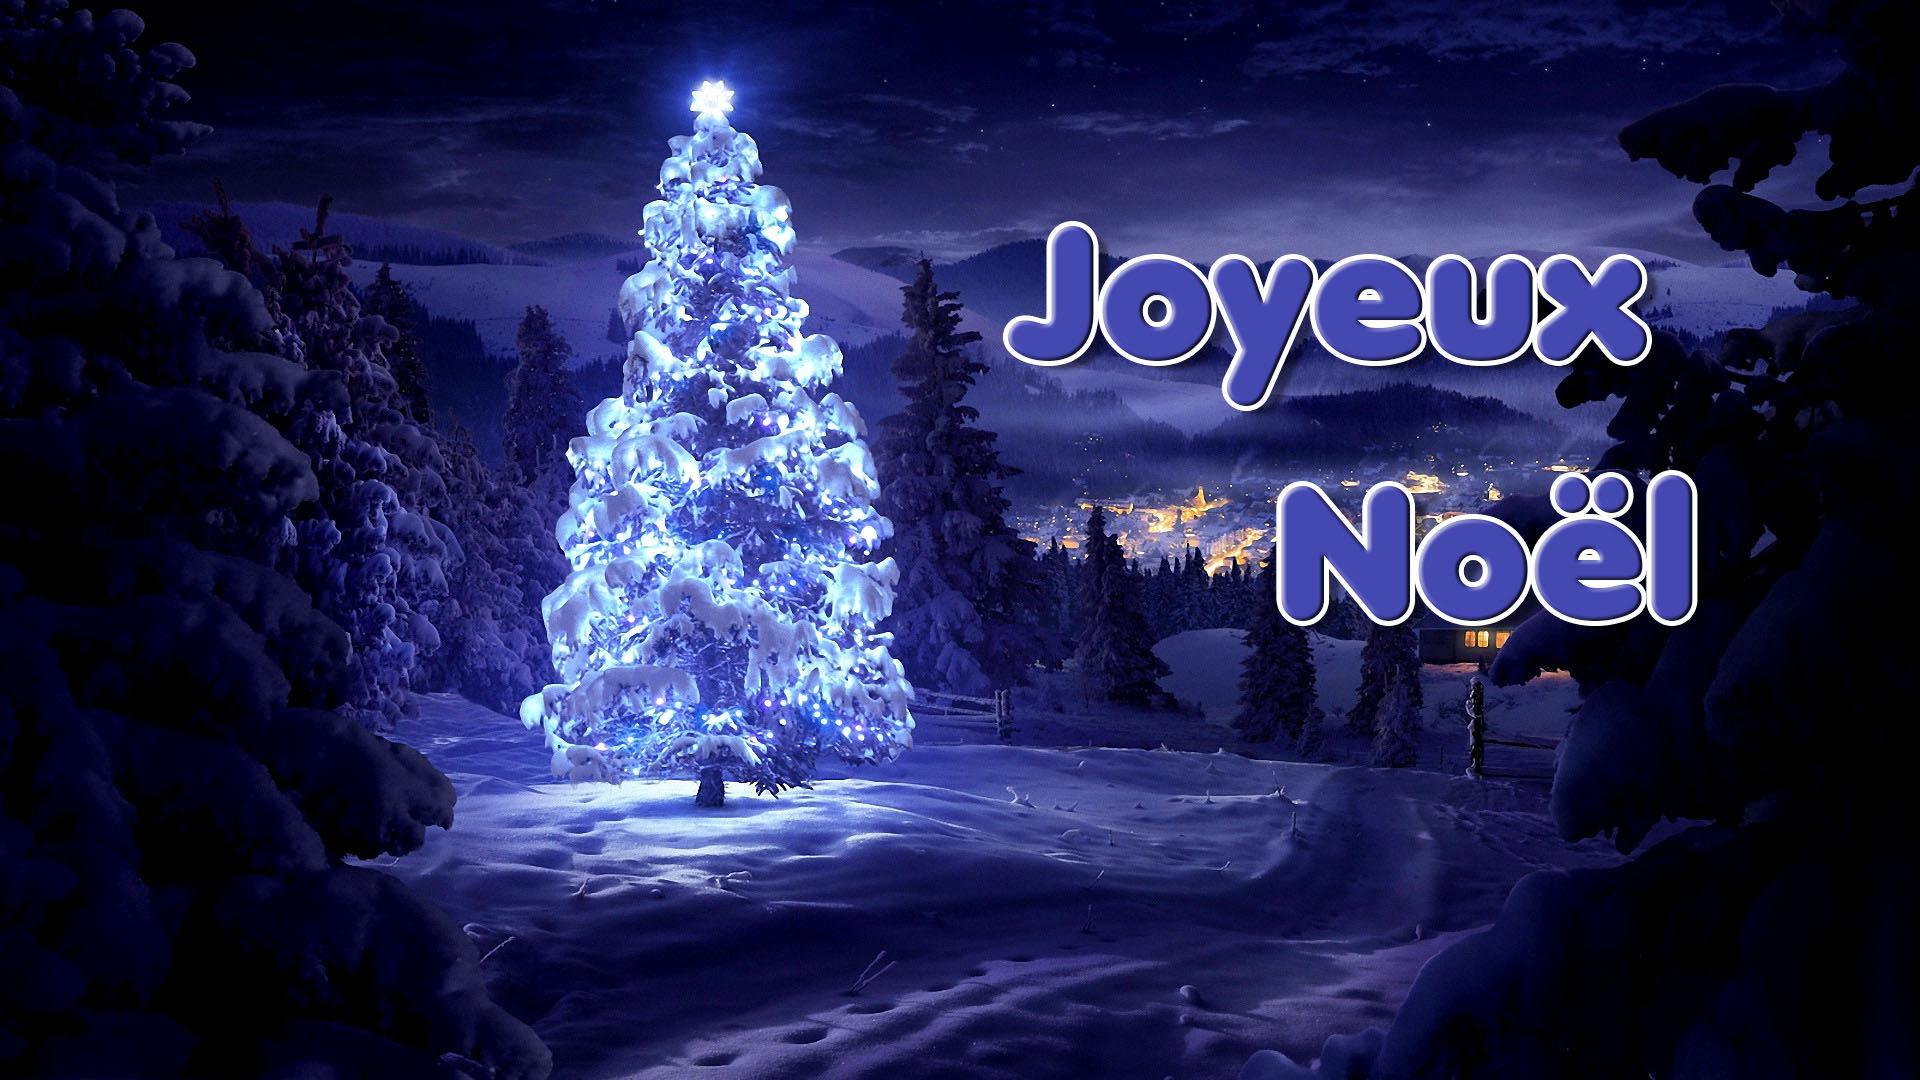 Fonds D écran Joyeux Noël Maximumwallhd